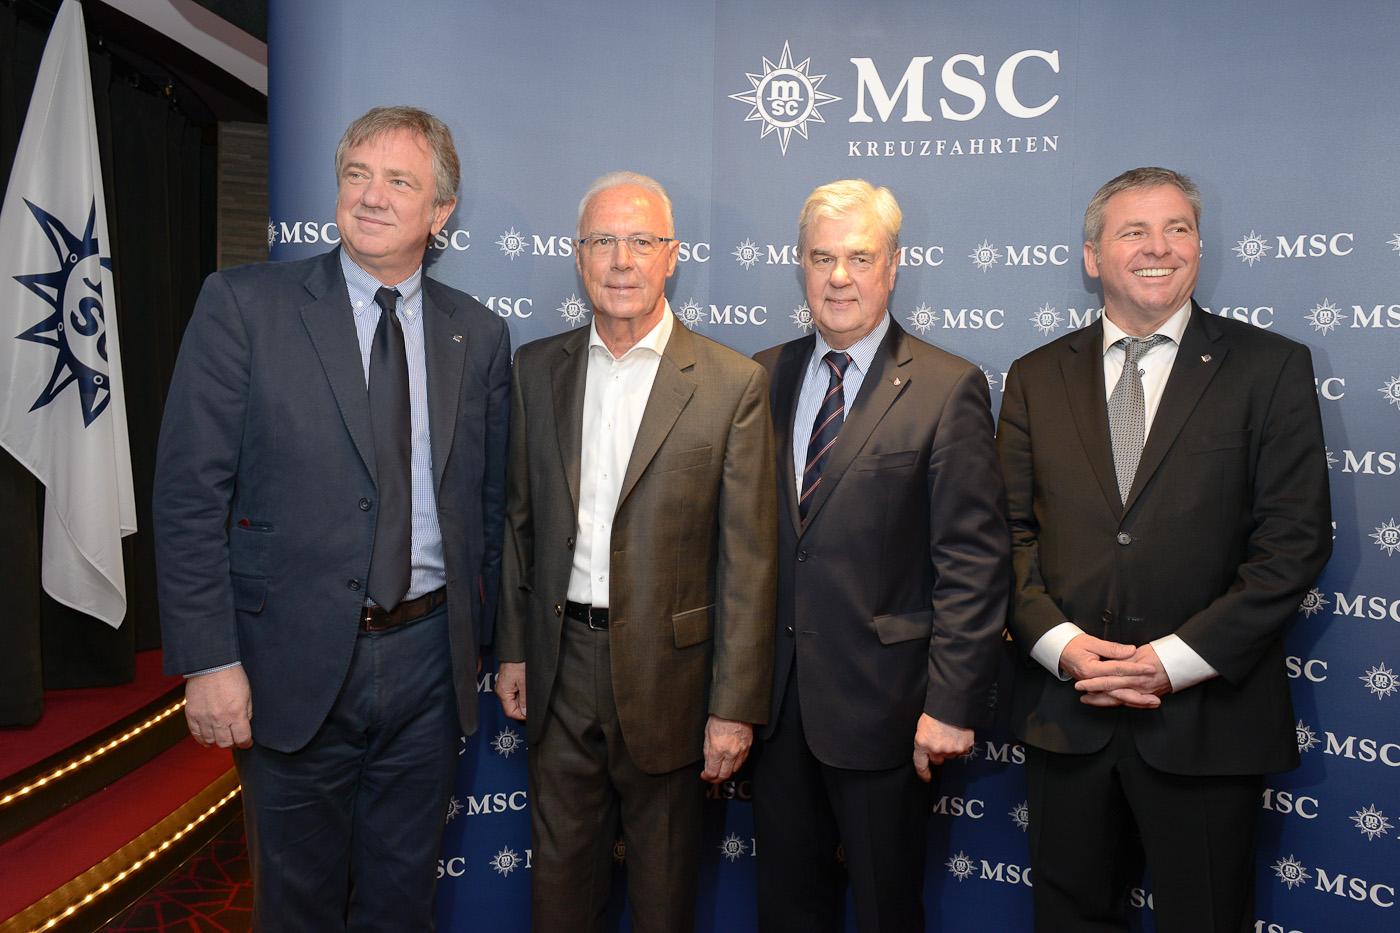 v.l. Pierfrancesco Vago (Executive Chairman MSC Cruises), Franz Beckenbauer, Frank Horch (Senator für Wirtschaft, Verkehr und Innovation Hamburg), Michael Zengerle (Geschäftsführer MSC Kreuzfahrten Hamburg)